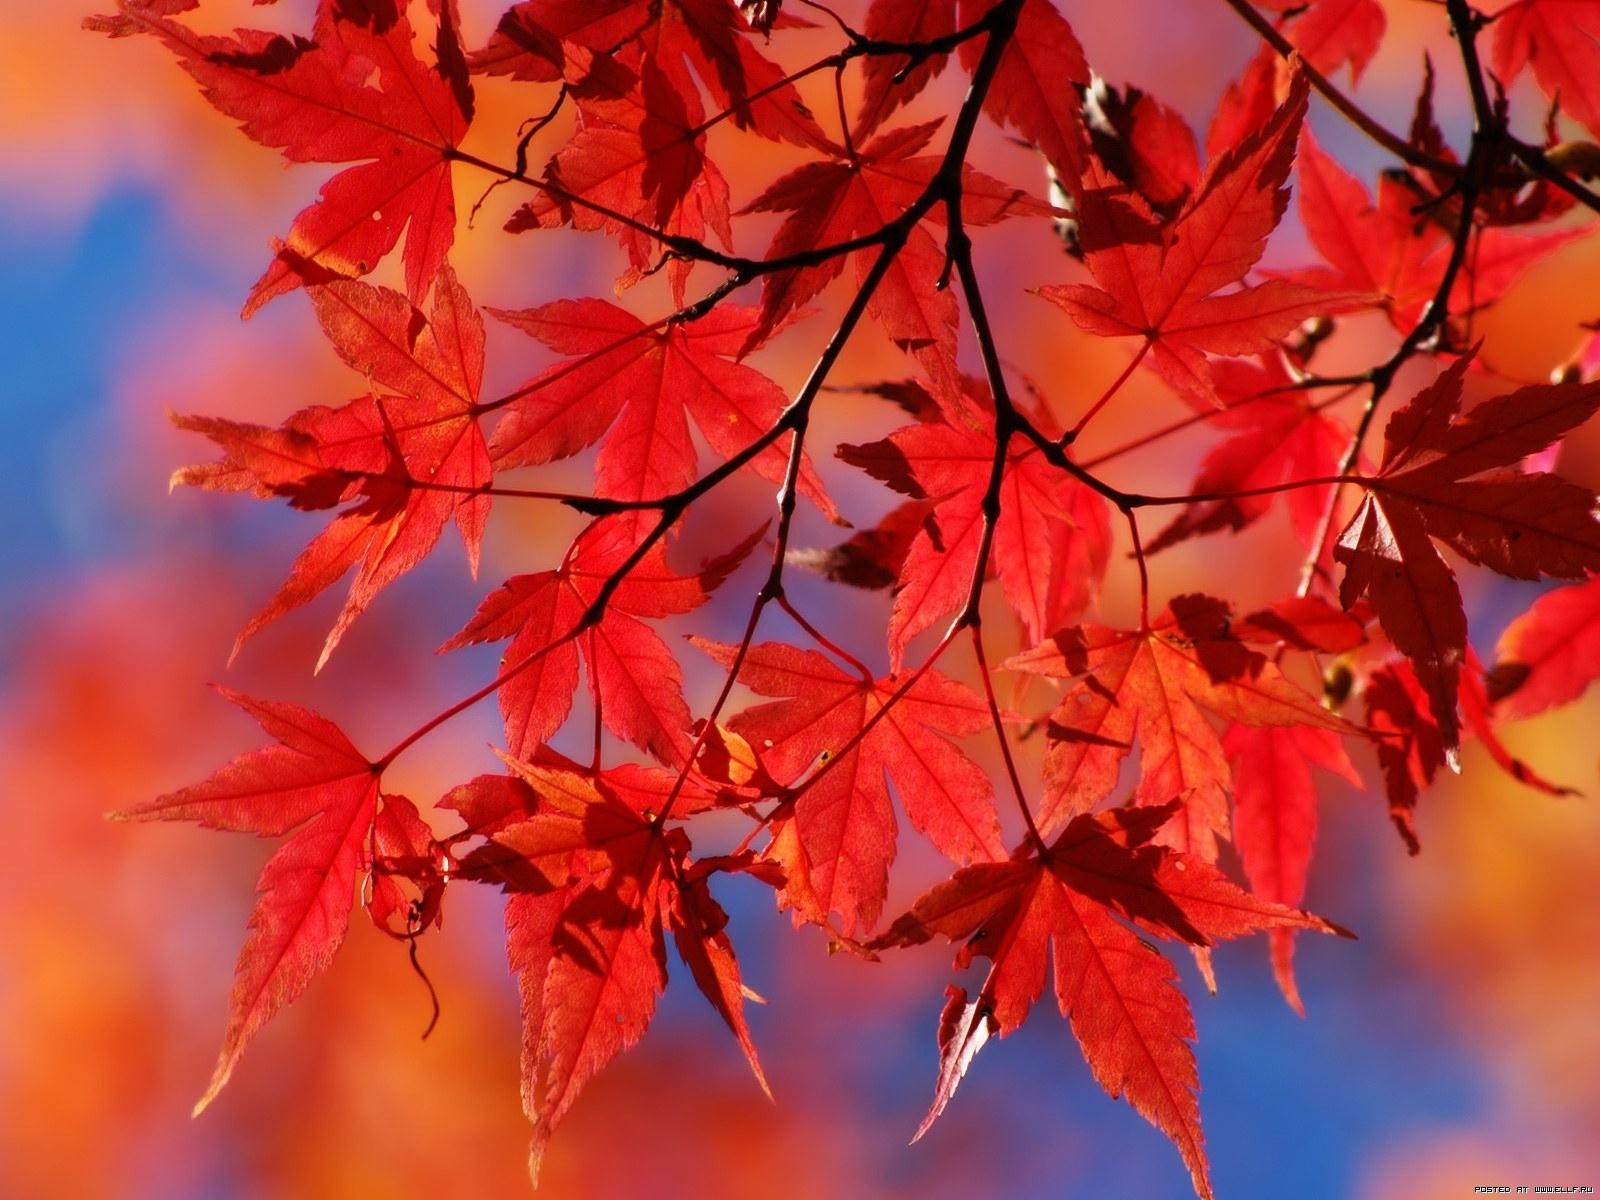 Скачать картинку Листья, Растения, Осень в телефон бесплатно.